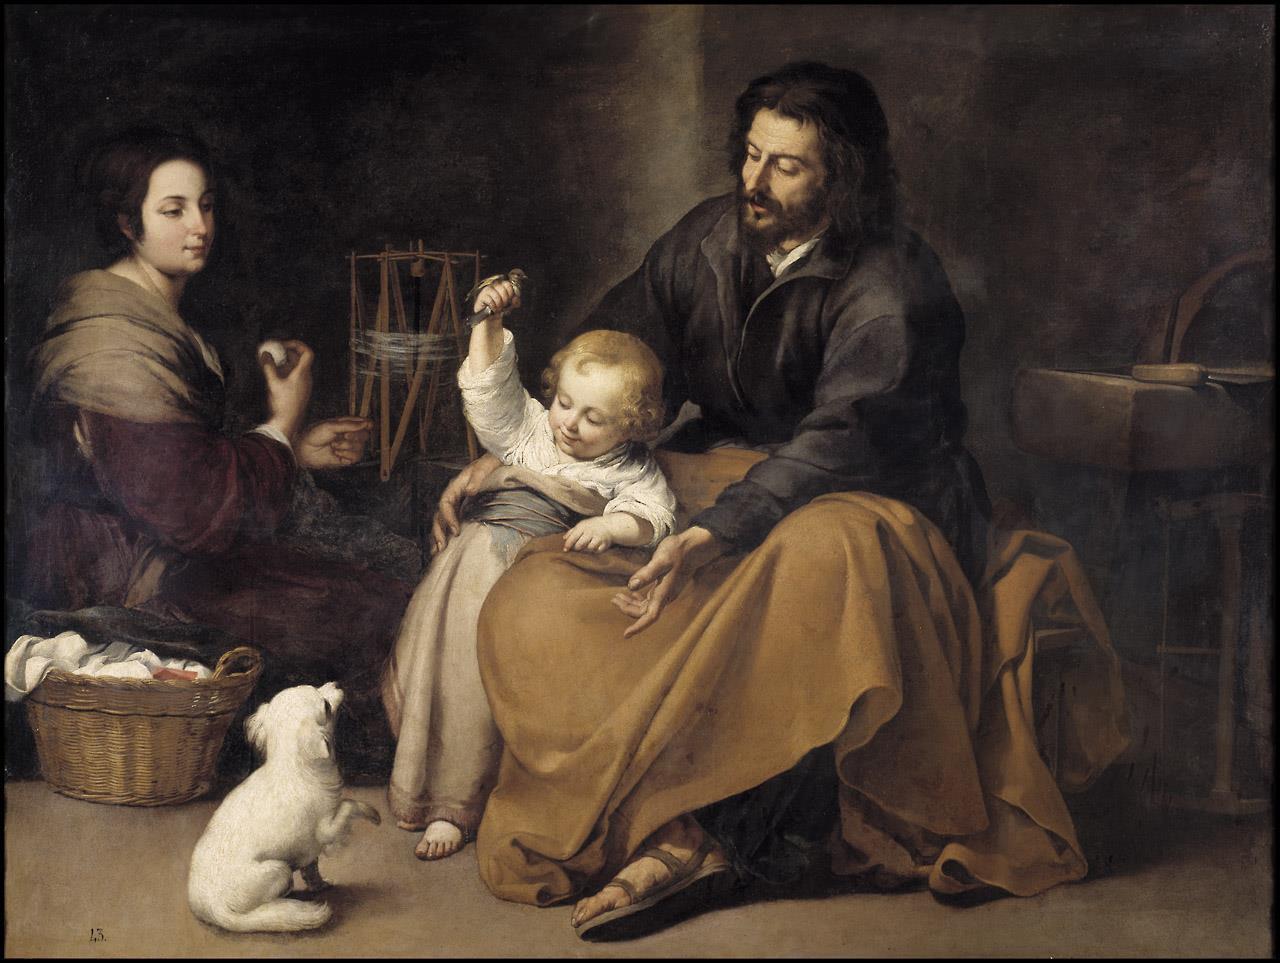 Sagrada Familia del pajarito [Murillo]